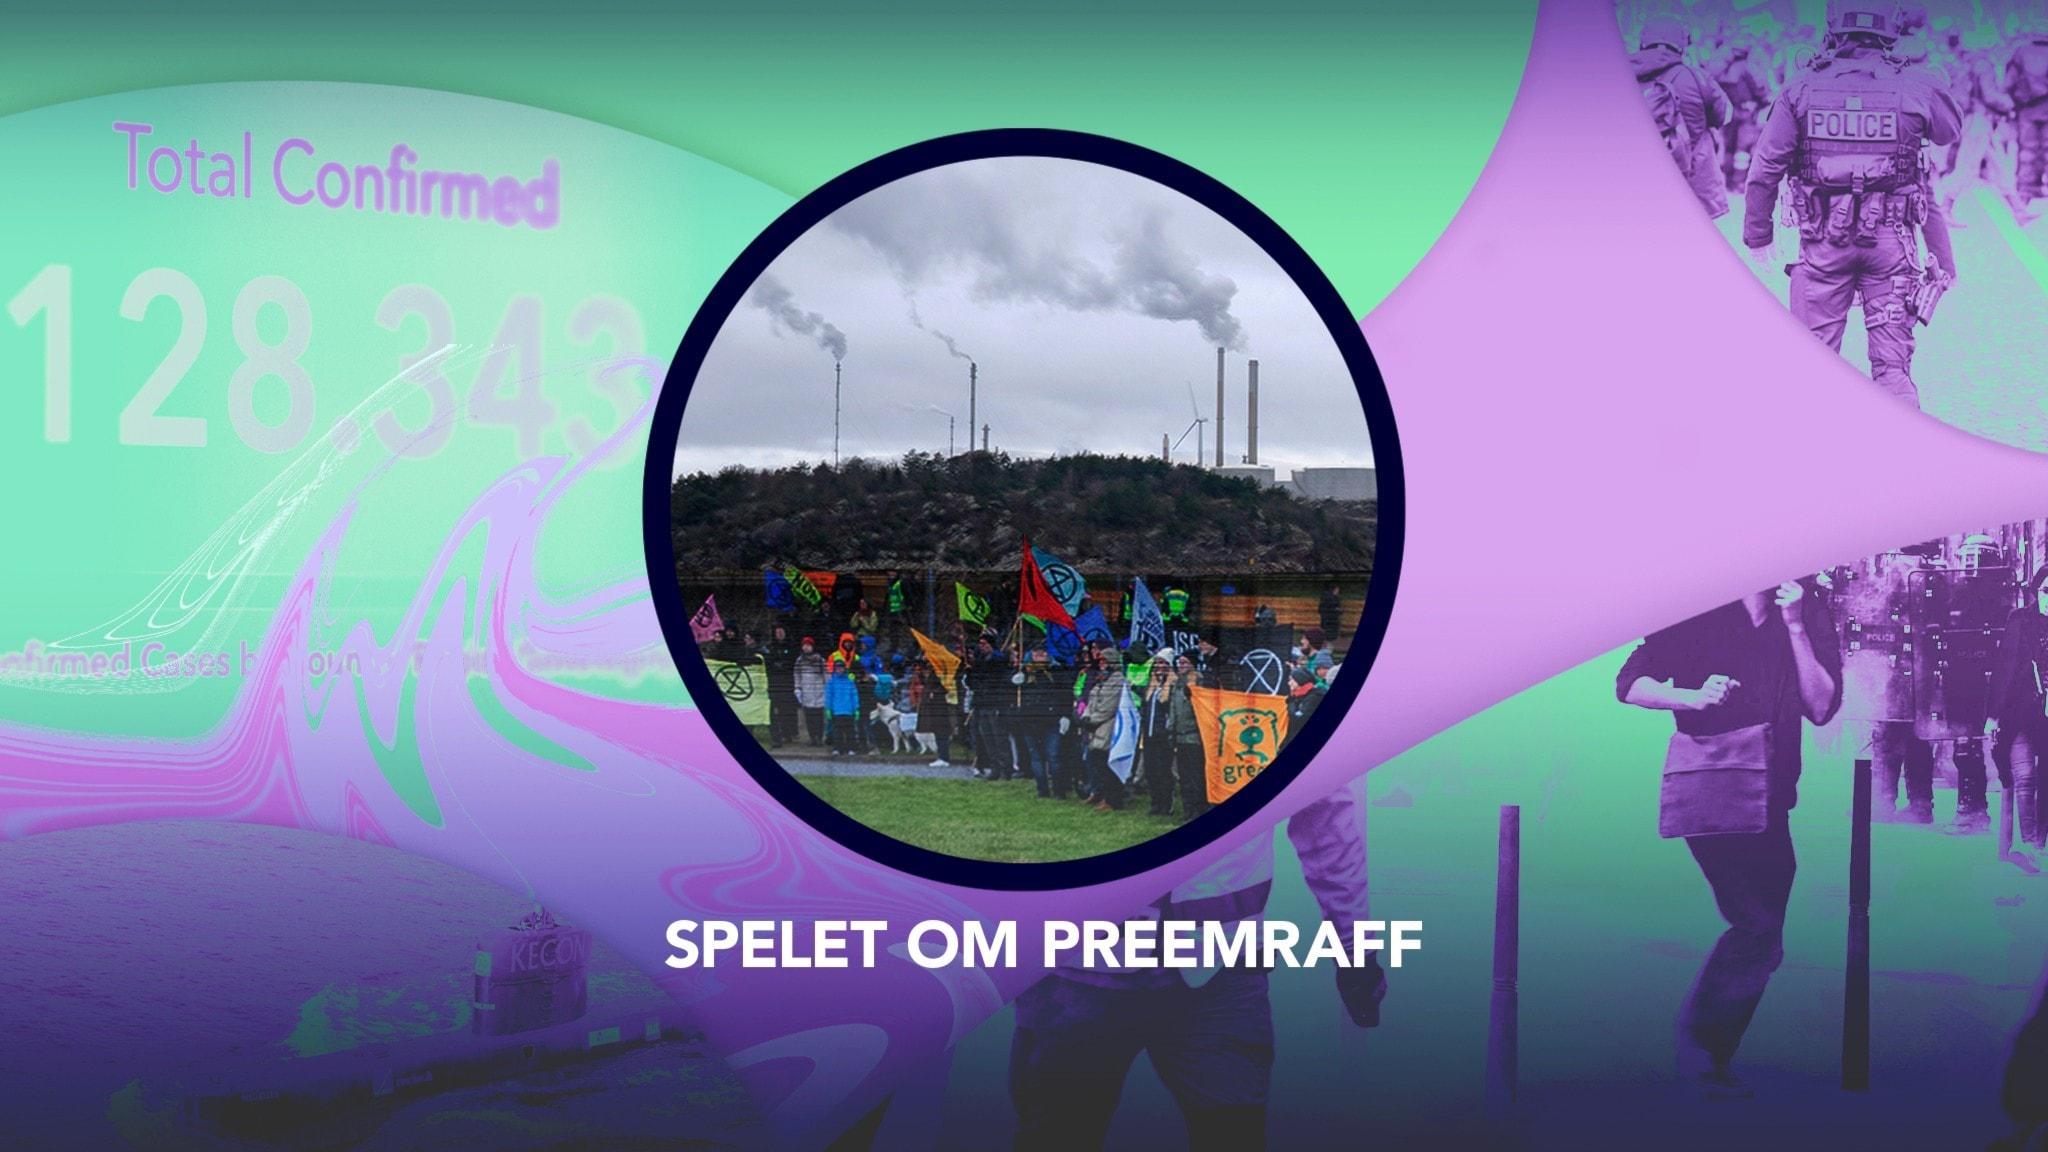 Spelet om Preemraff – P3 Nyheter Dokumentär